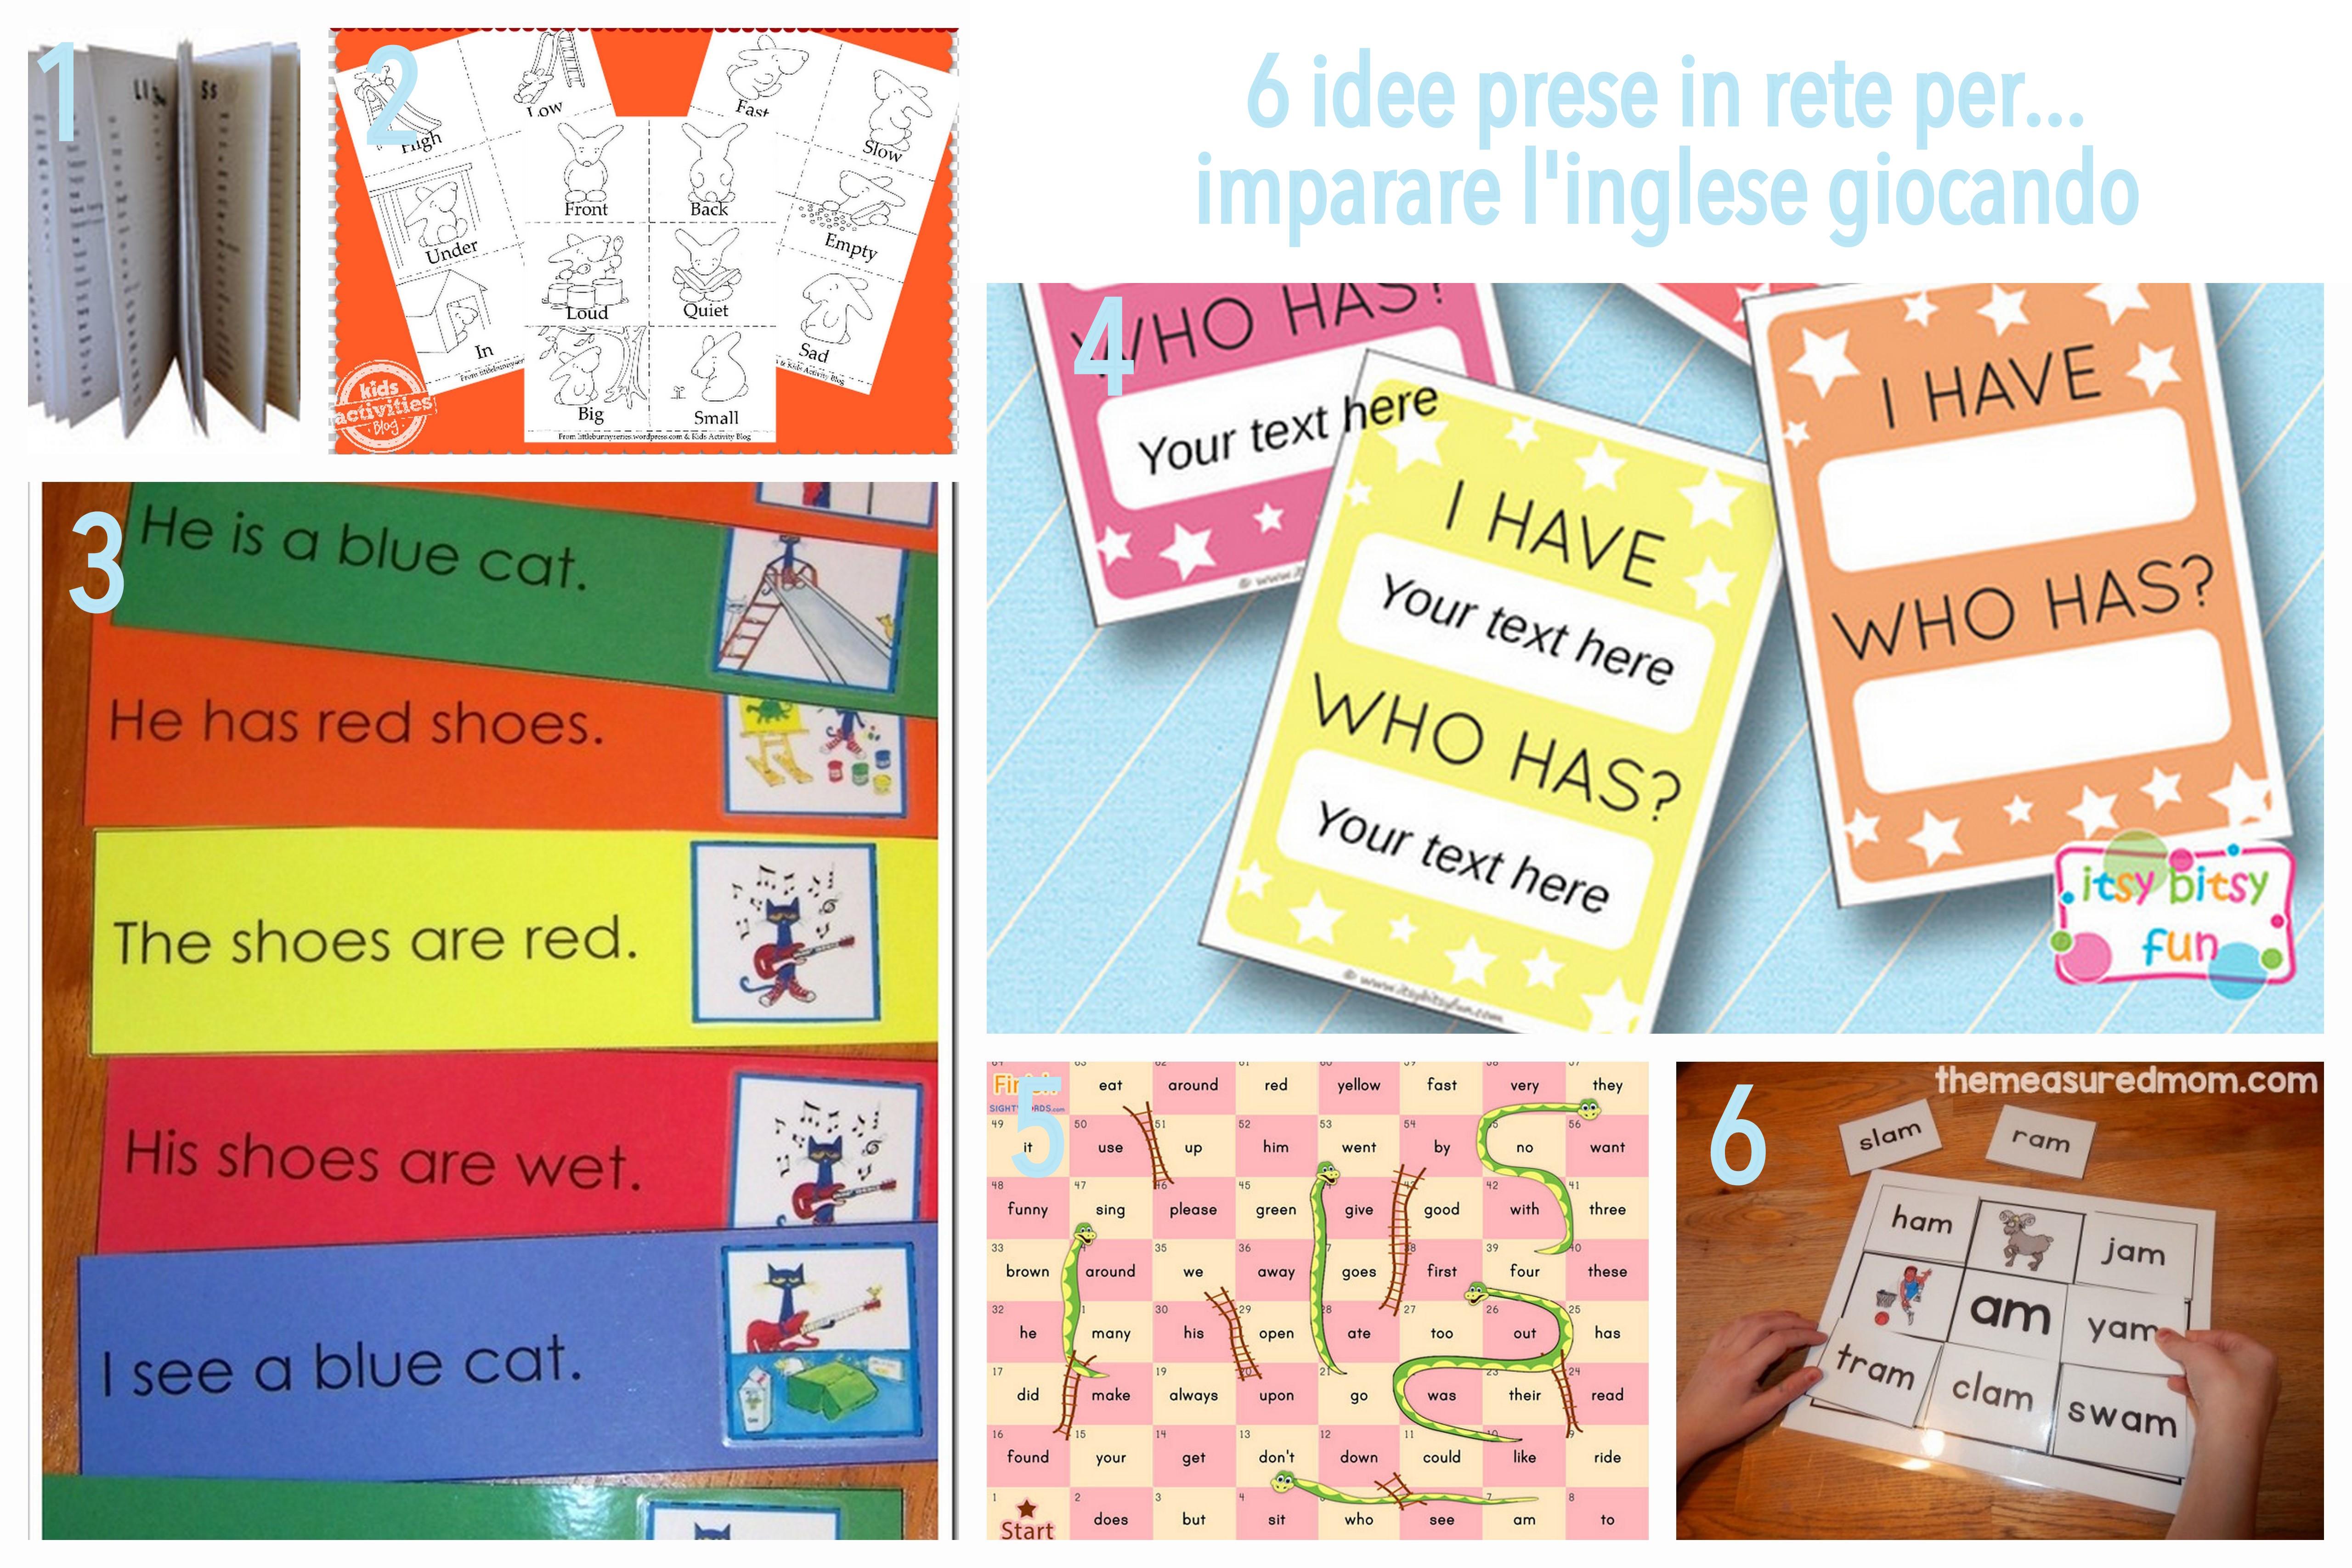 idee per imparare l'inglese giocando